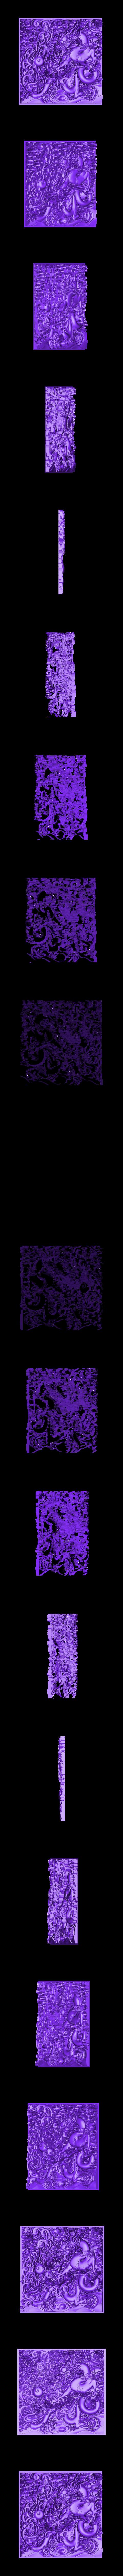 dragonOmClouds.stl Télécharger fichier STL gratuit dragon • Plan à imprimer en 3D, stlfilesfree